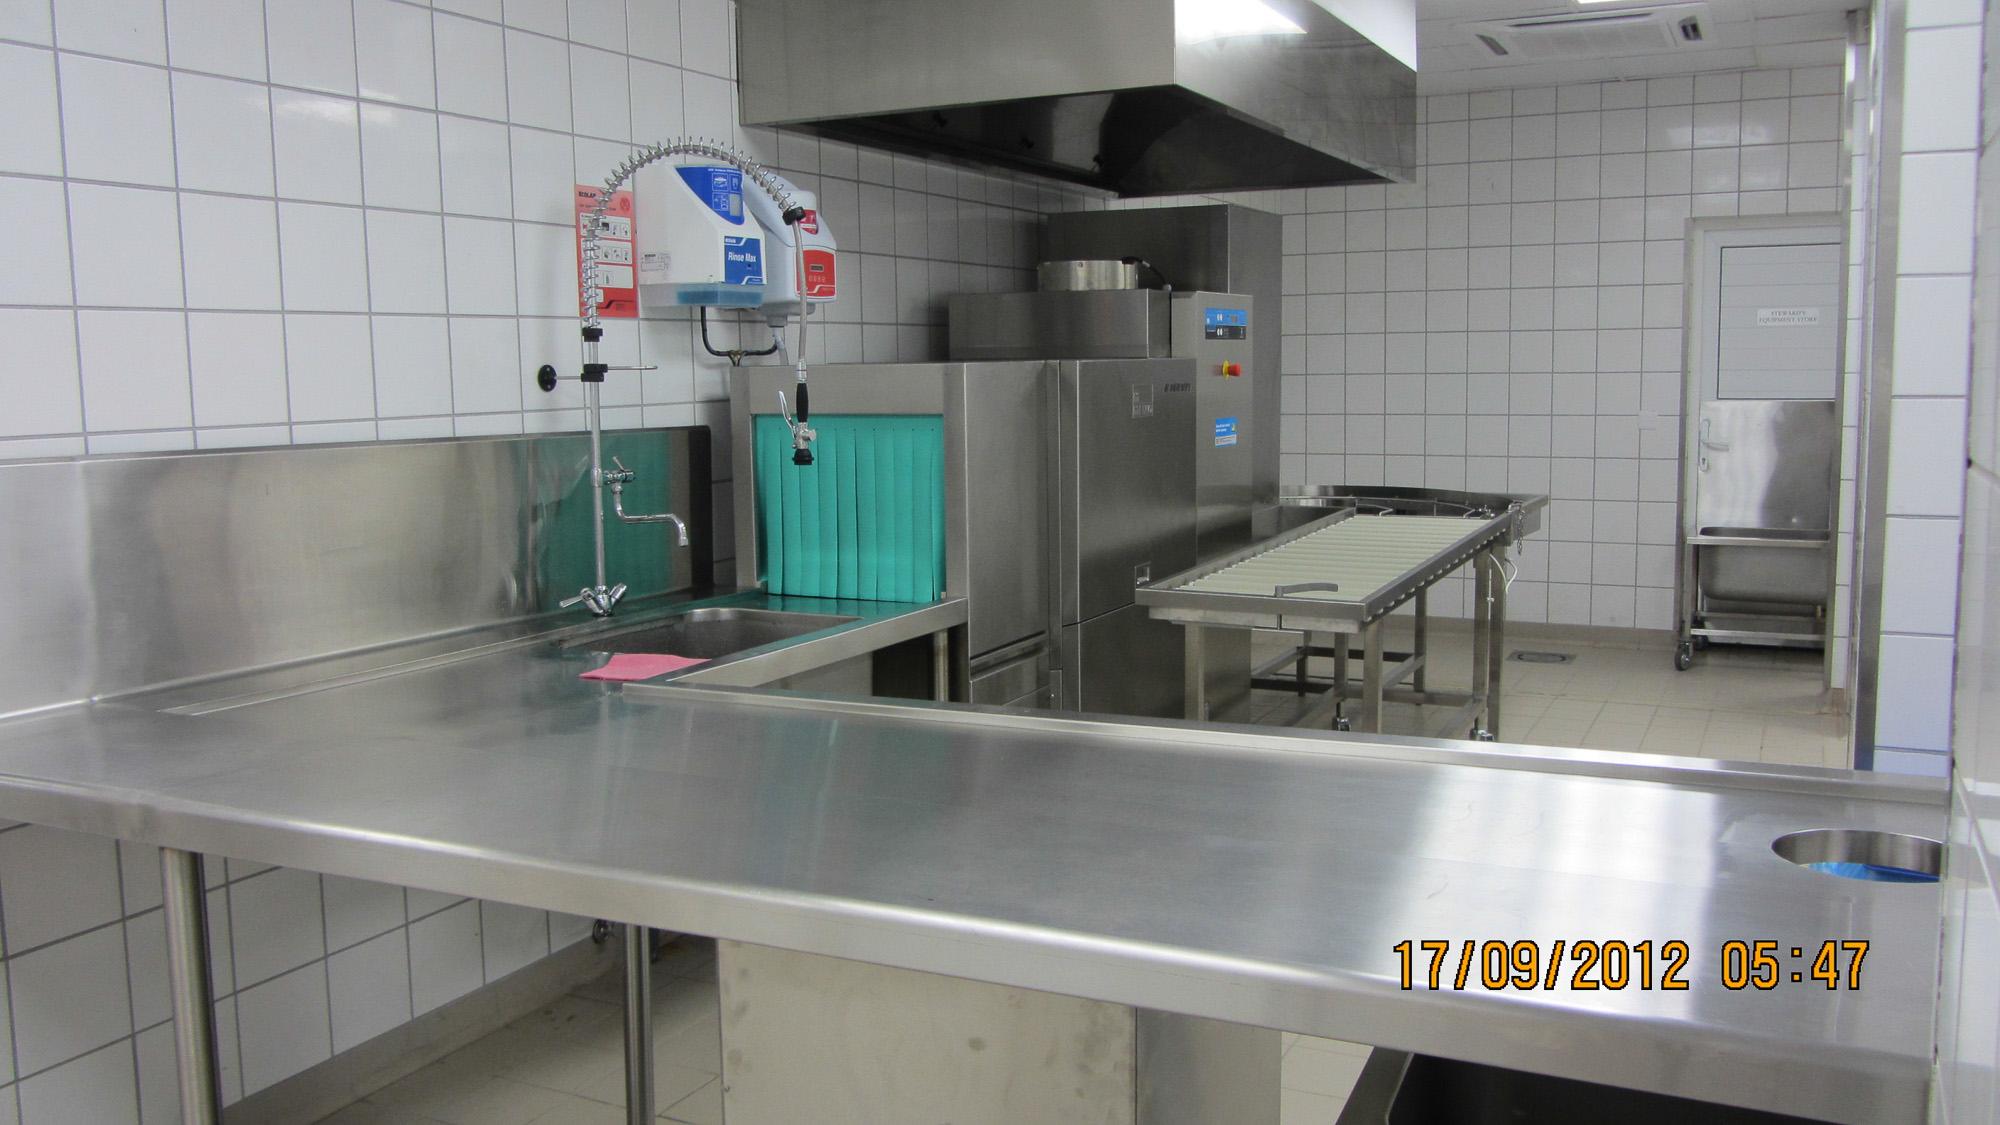 Italia_kitchen_-st.regis-6